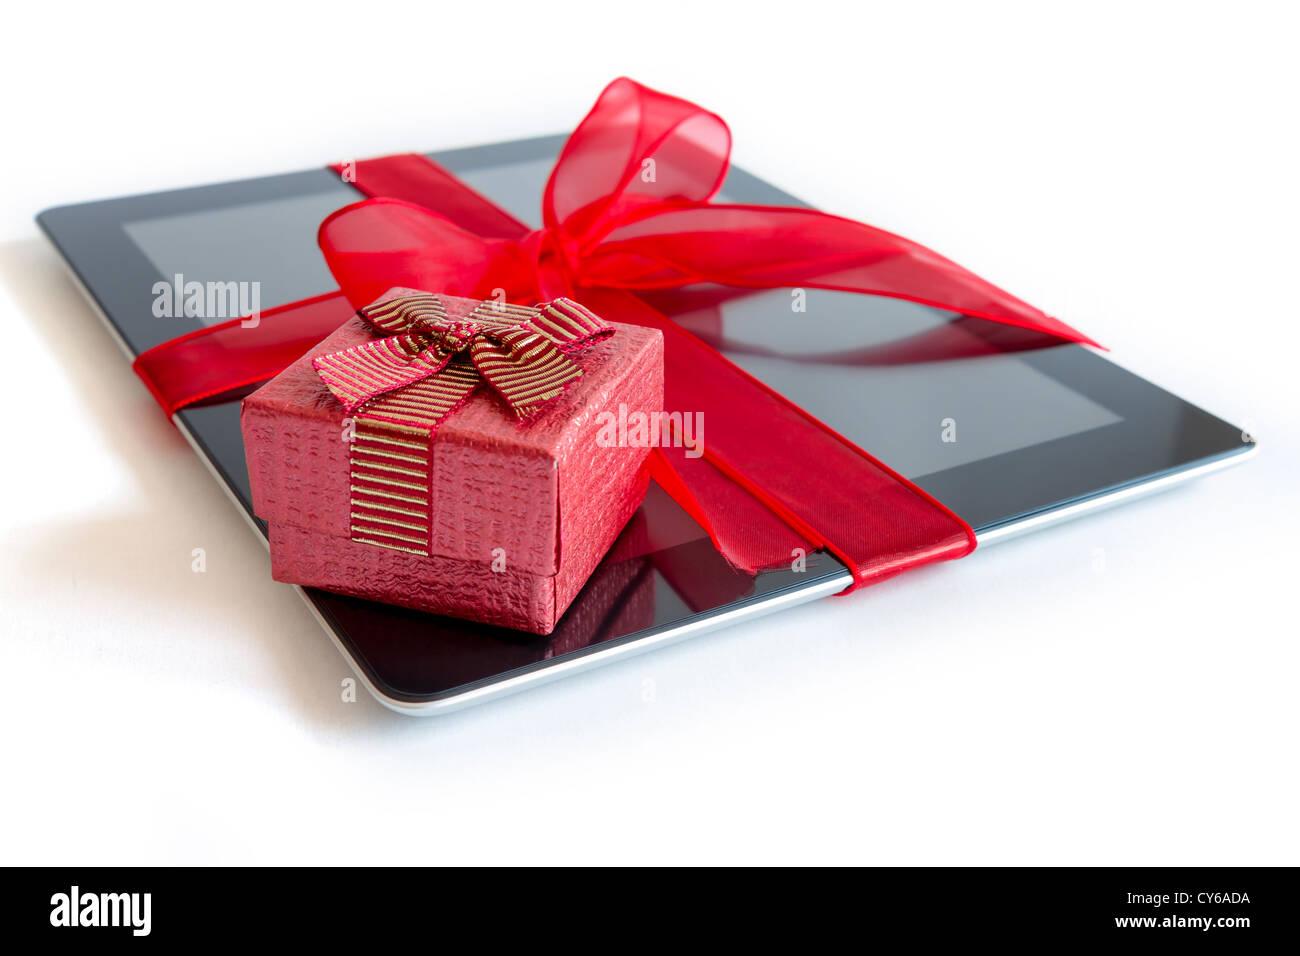 Tablette numérique avec cadeaux ruban rouge isolé sur blanc. Photo Stock